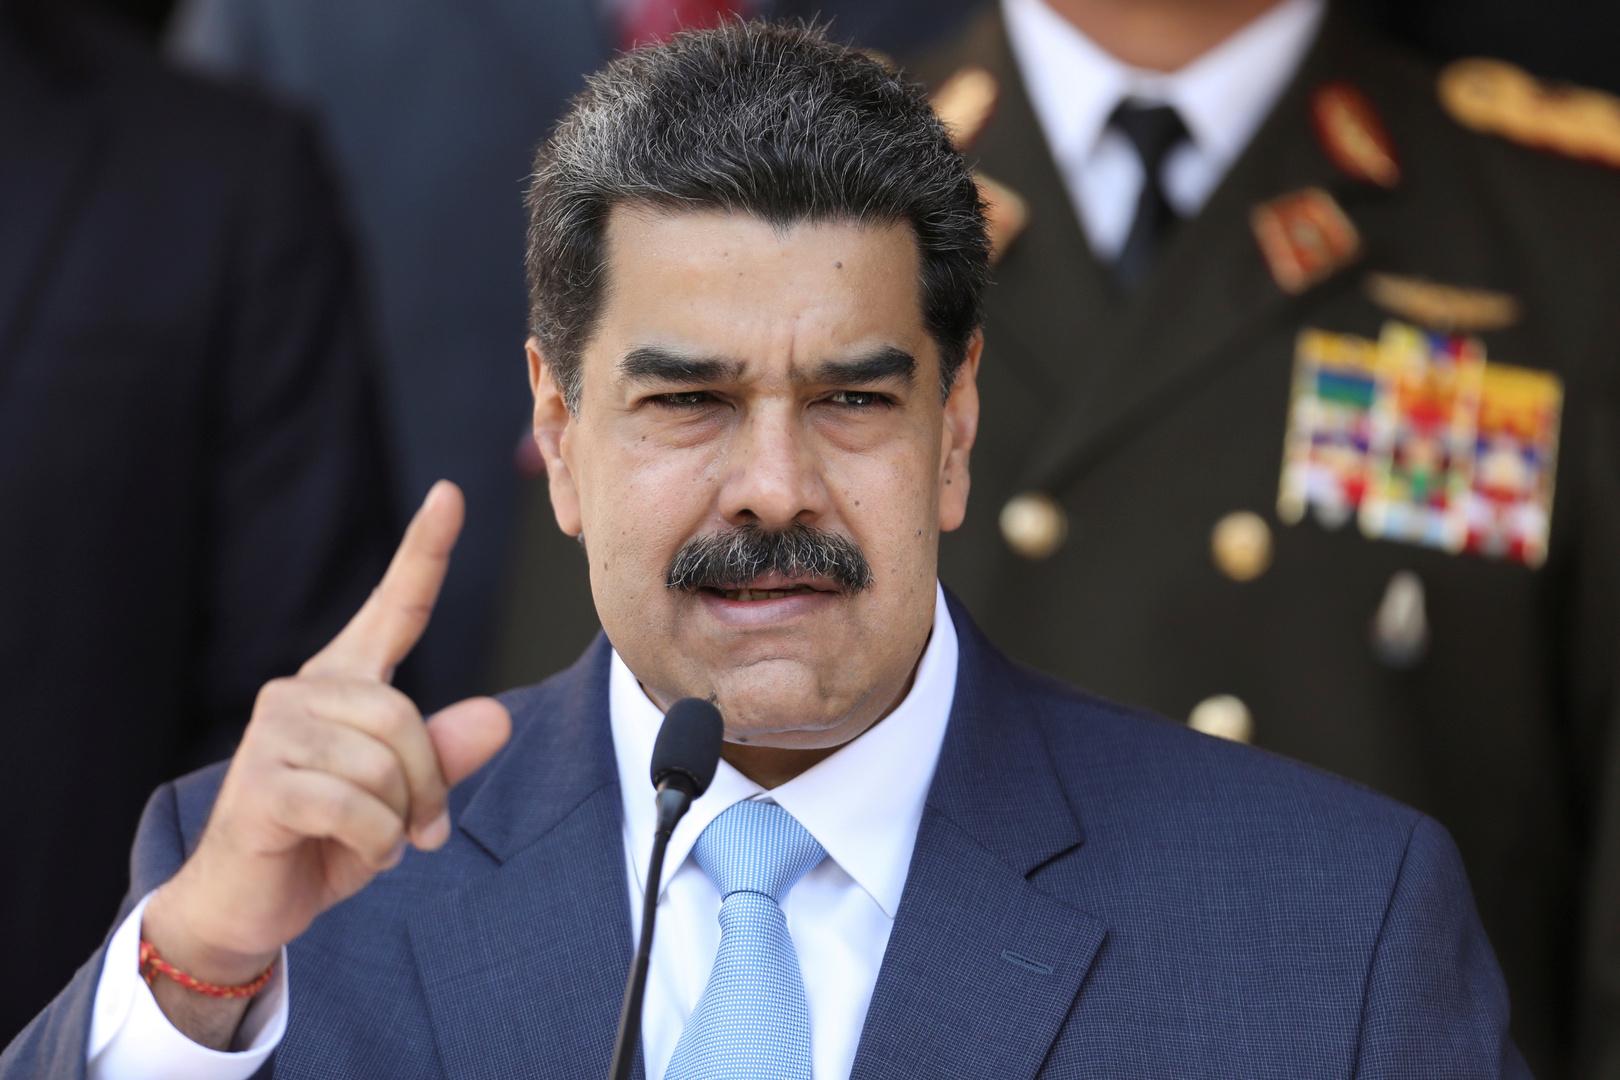 مادورو: ترامب عدو عديم الرحمة لفنزويلا لكننا نتمنى له الشفاء